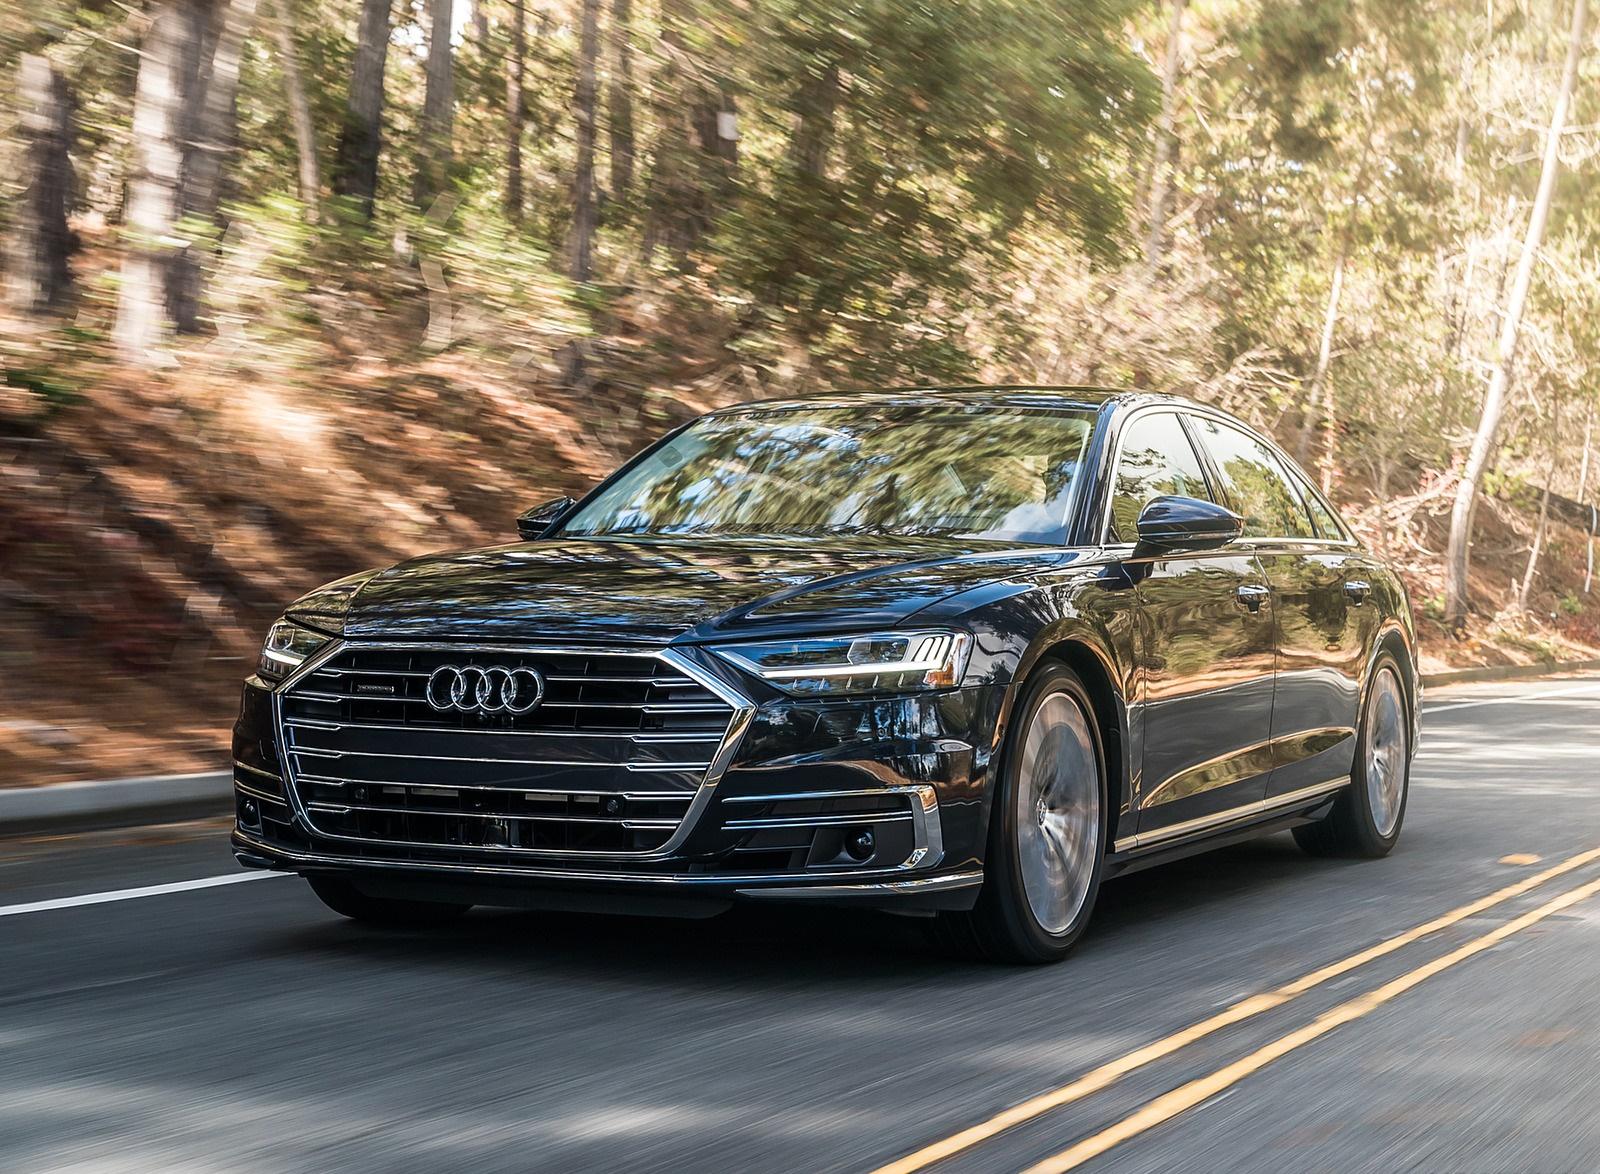 2019 Audi A8 (US-Spec) Front Three-Quarter Wallpapers (2)